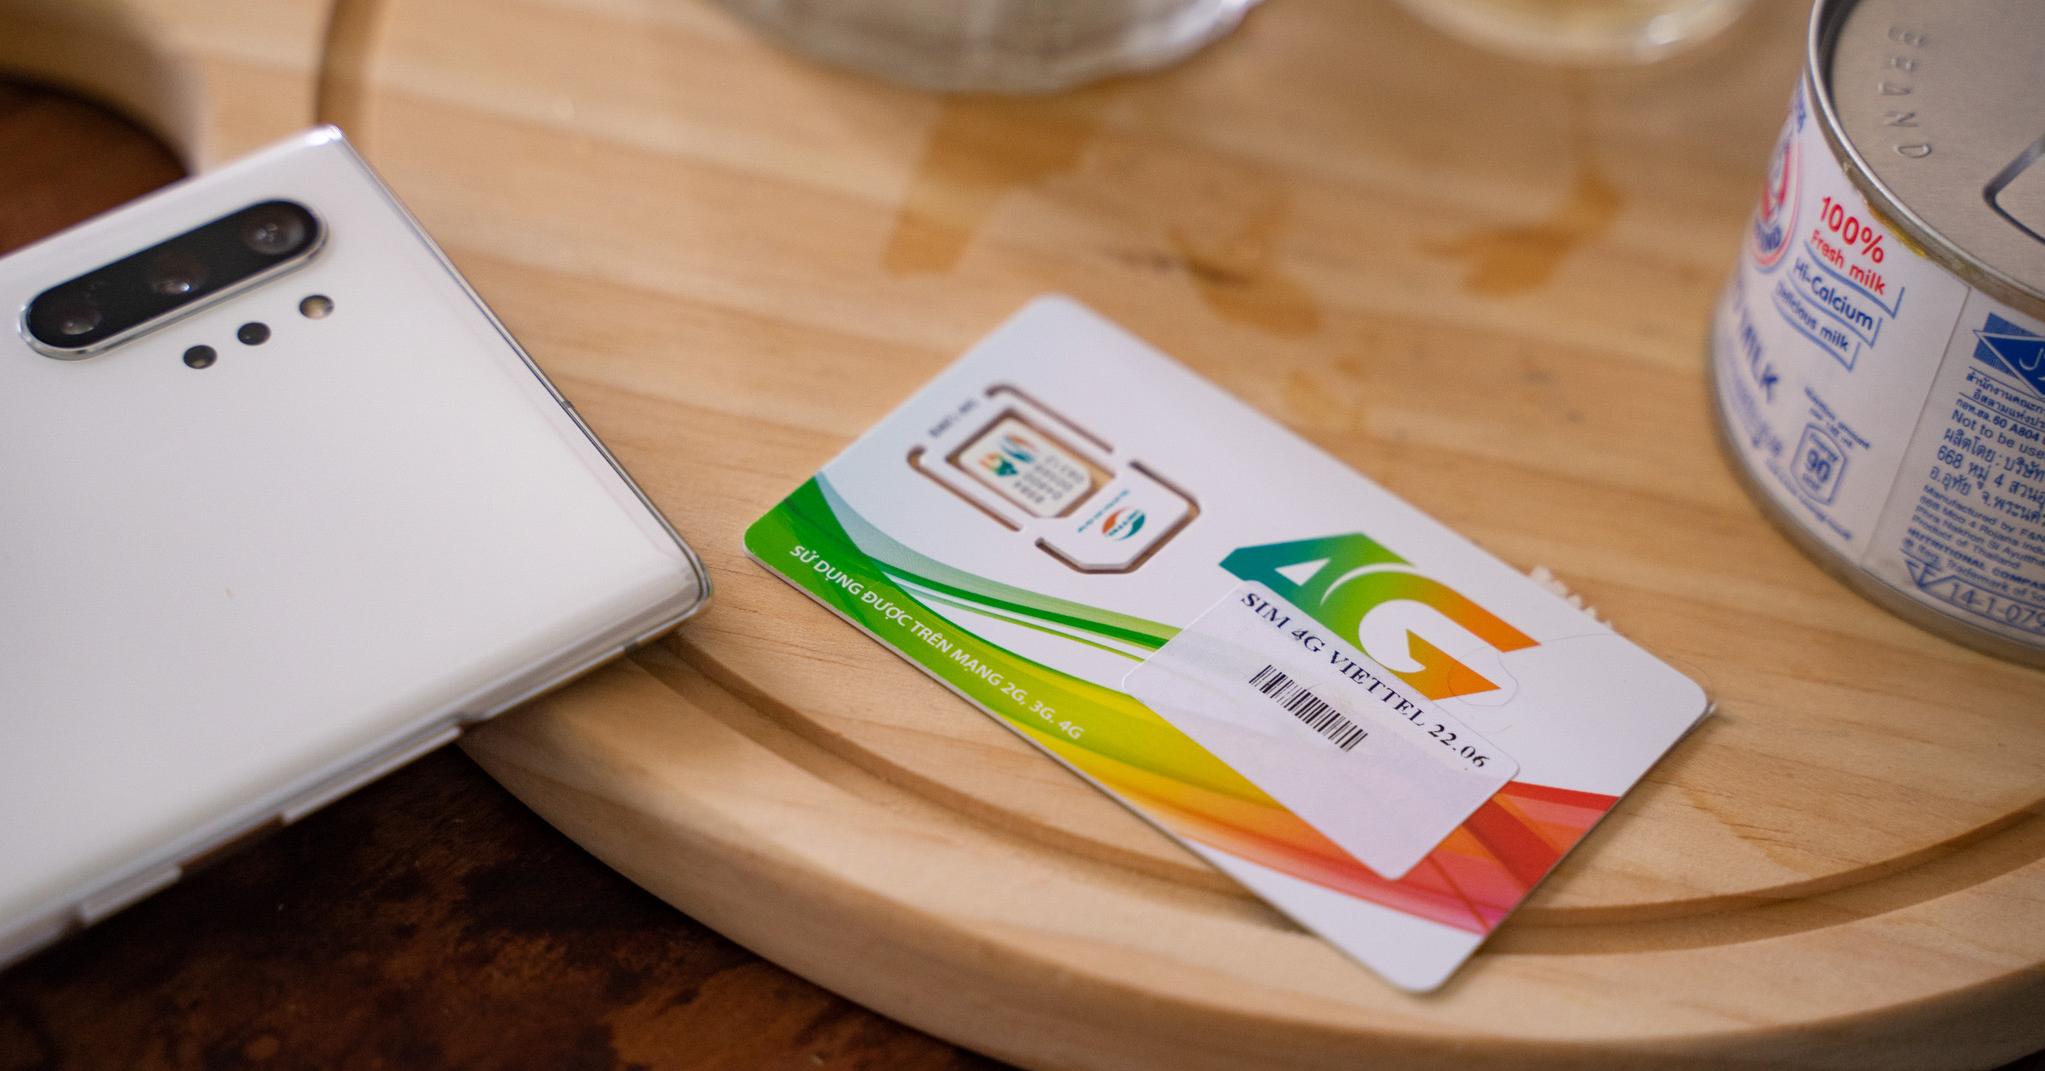 HOT - CellphoneS độc quyền SIM data Viettel Max S90, có 72GB tốc độ cao,  giá cực rẻ | Sforum